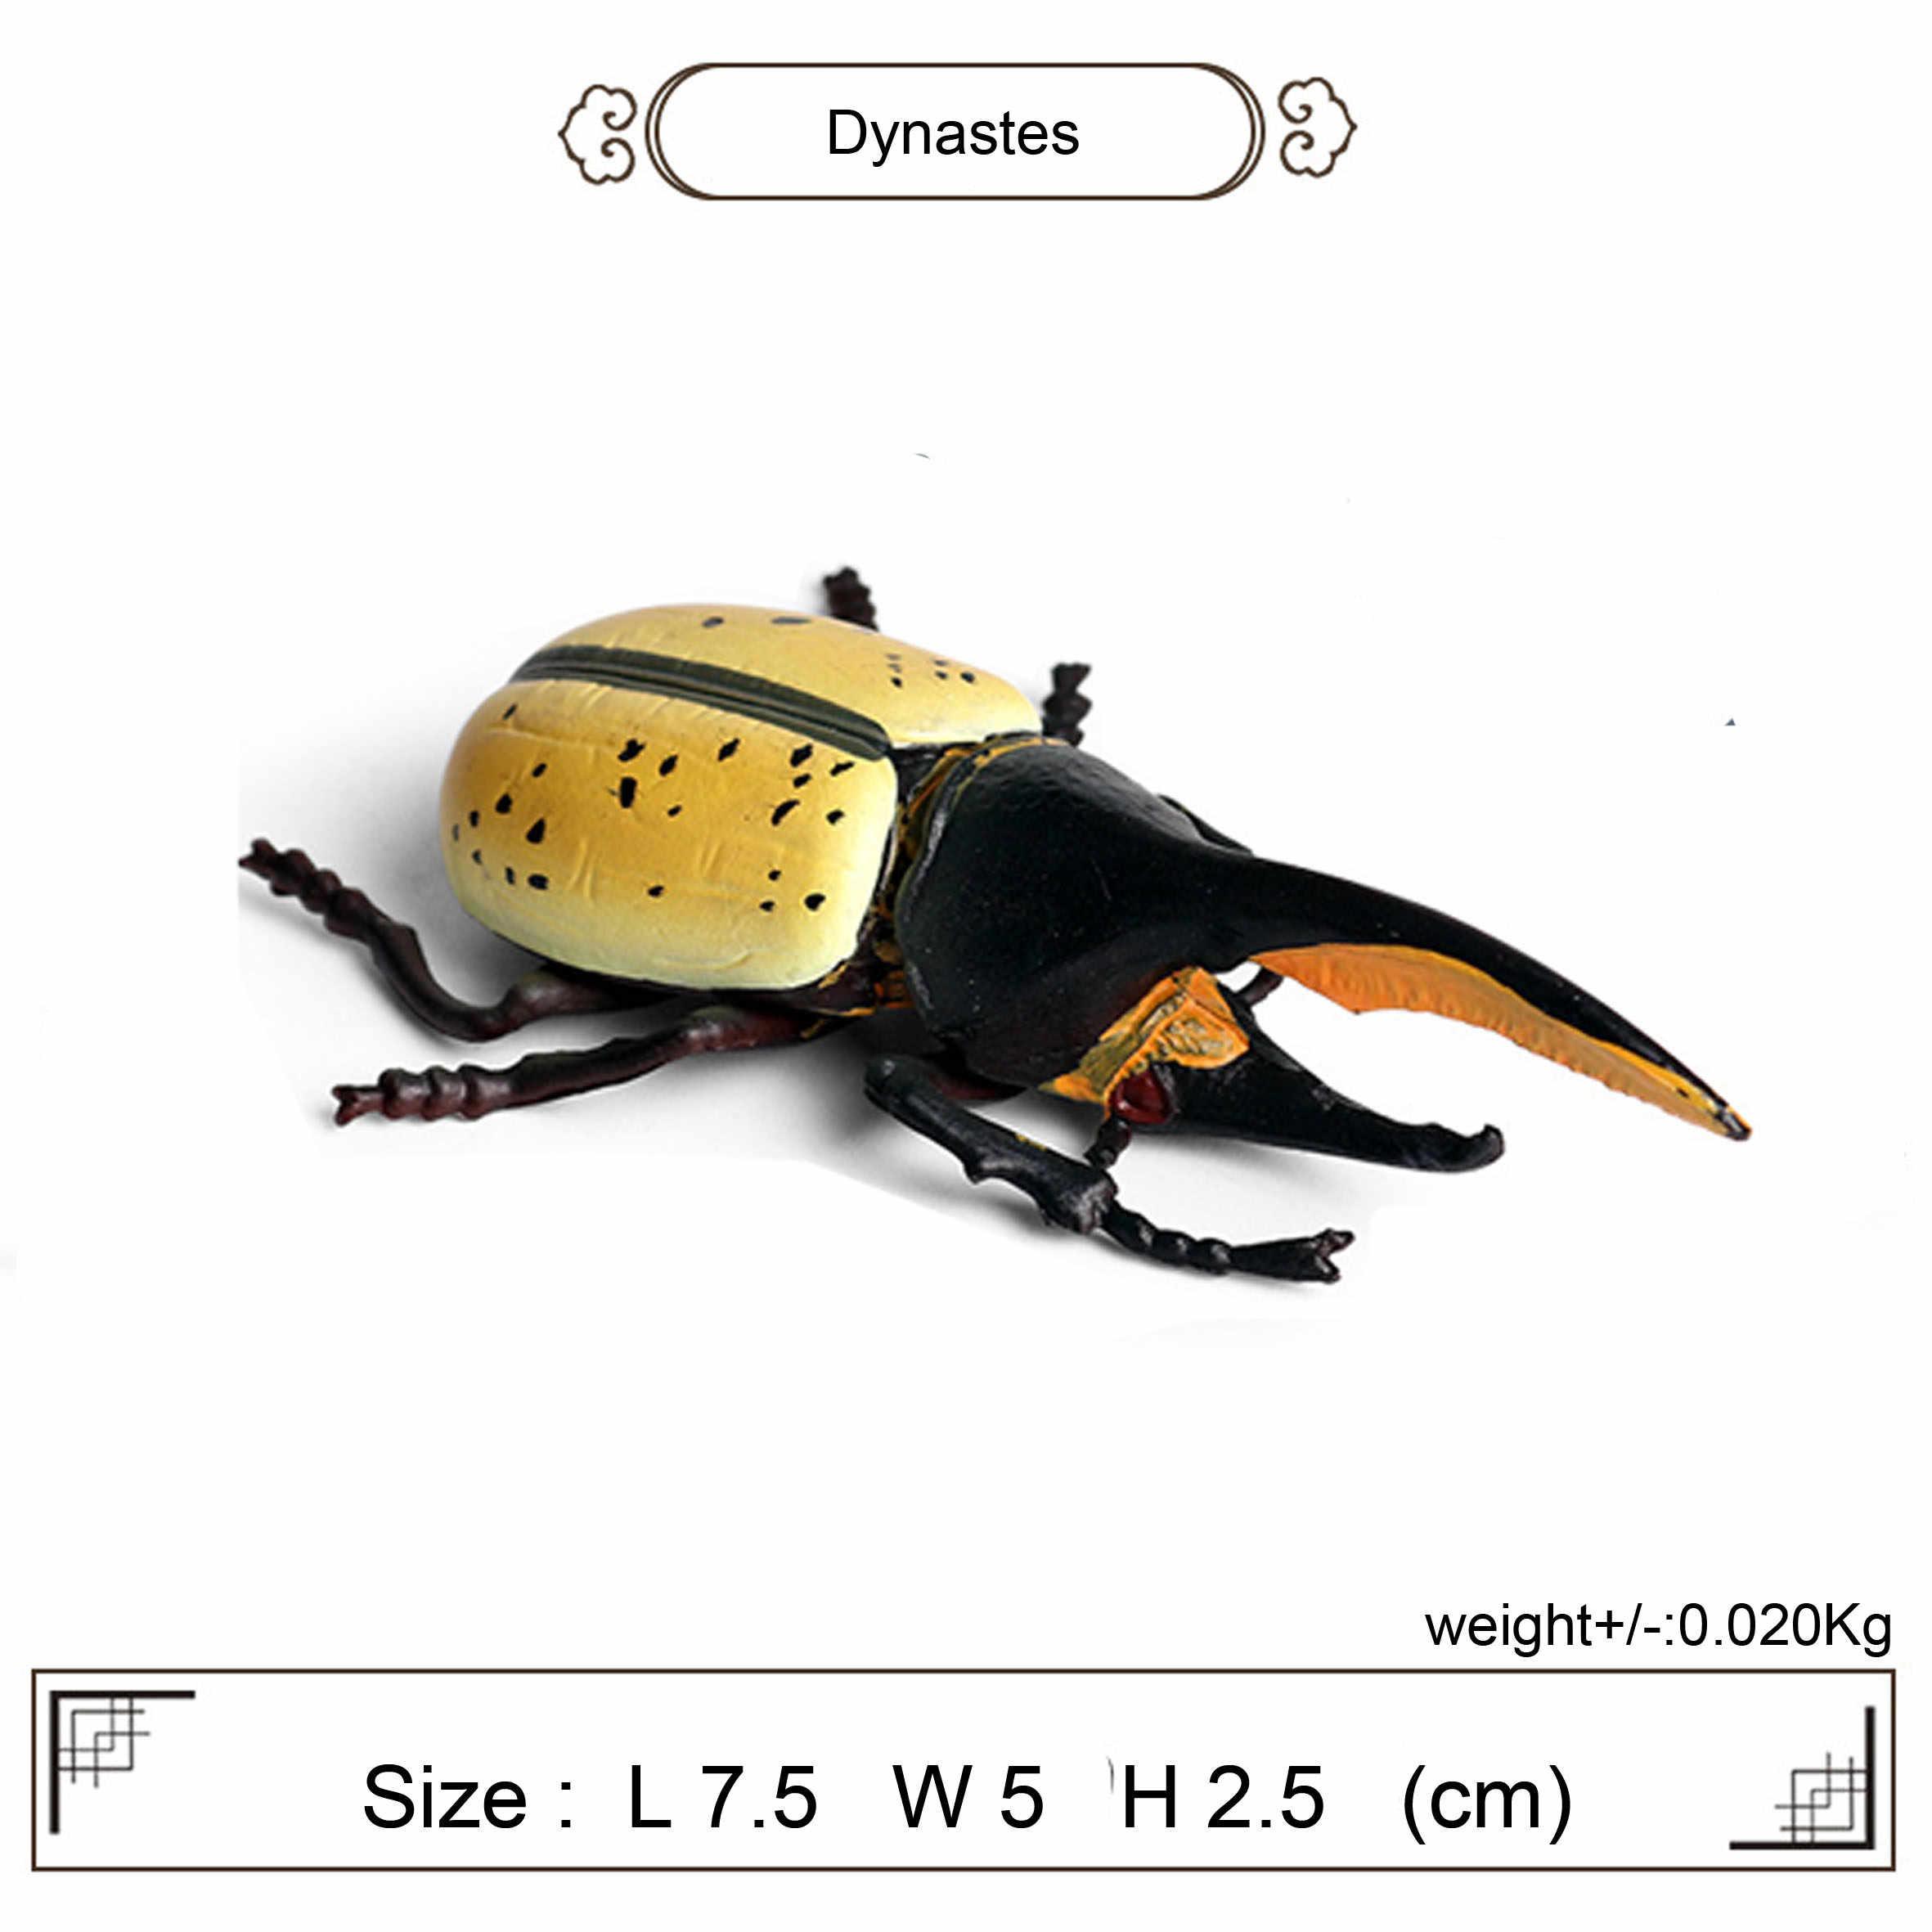 Assortiti realistico insetto bug figure aedes fuoco ant cricket dynastes e ape realistico collezione di insetti insetto giocattoli per i bambini